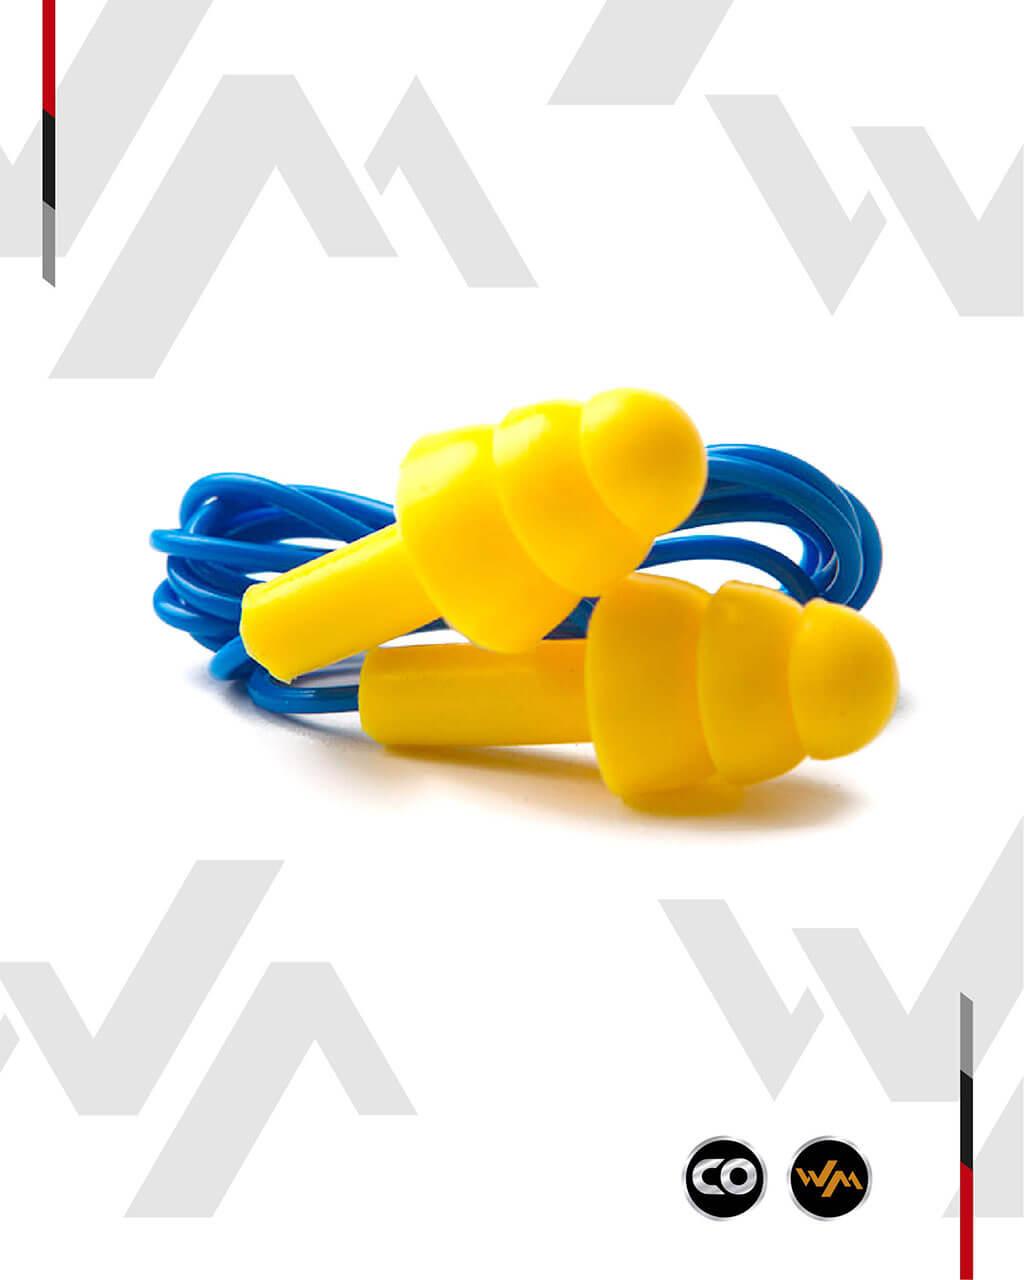 protector_auditivo-_anillos_-reutilizable_con-cordon_nara_safe_26_db_NA6100101-2